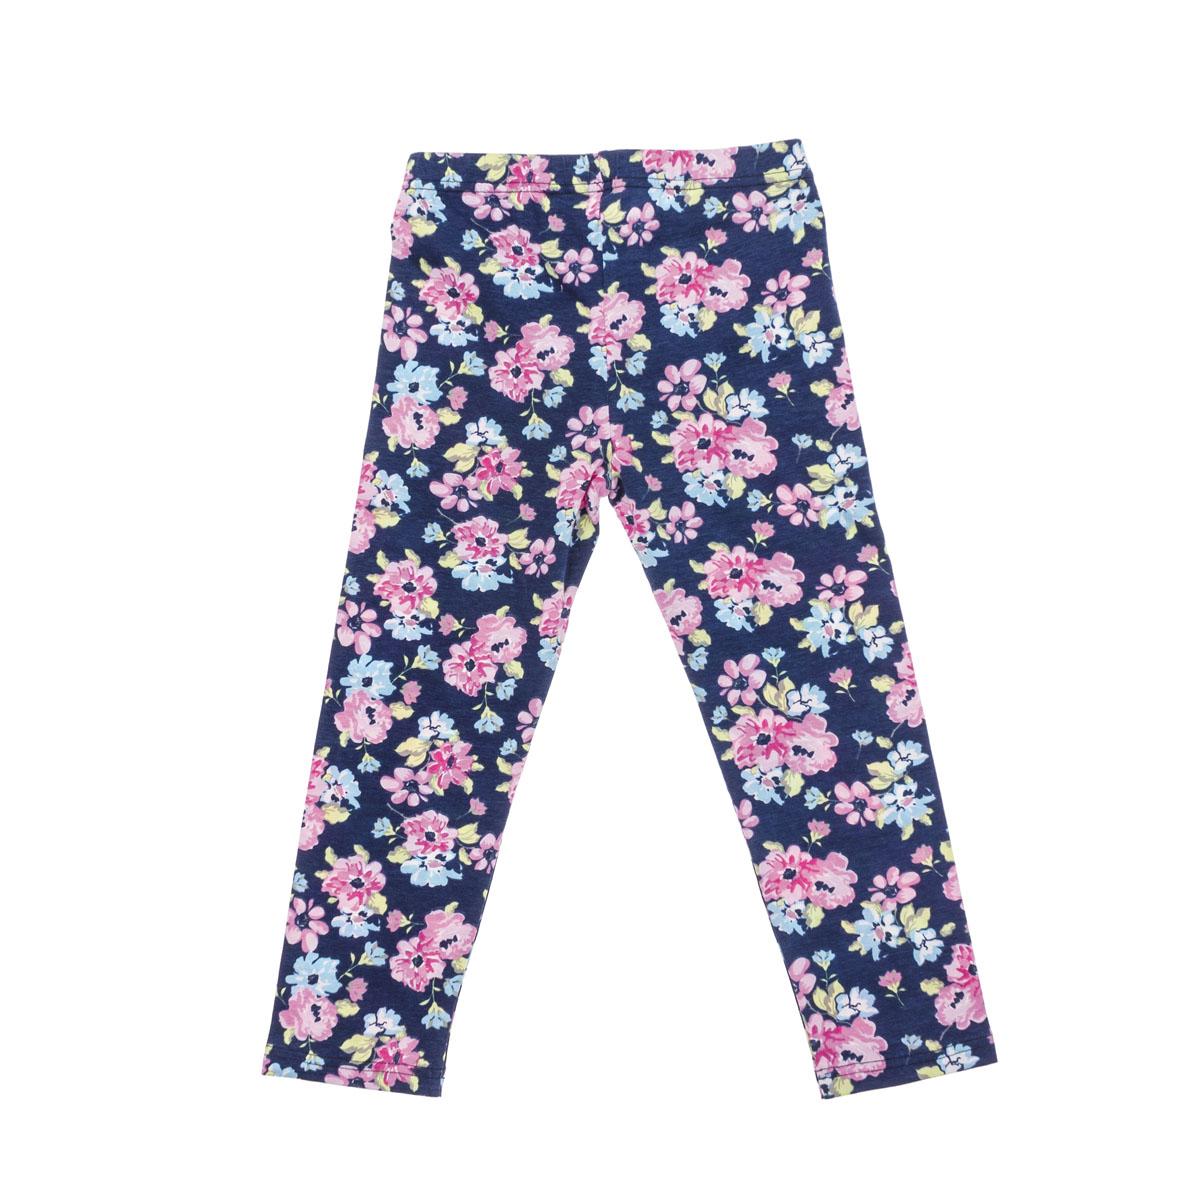 Брюки для девочек. 264021264021Уютные хлопковые леггинсы с нежным цветочным принтом. Пояс на резинке.